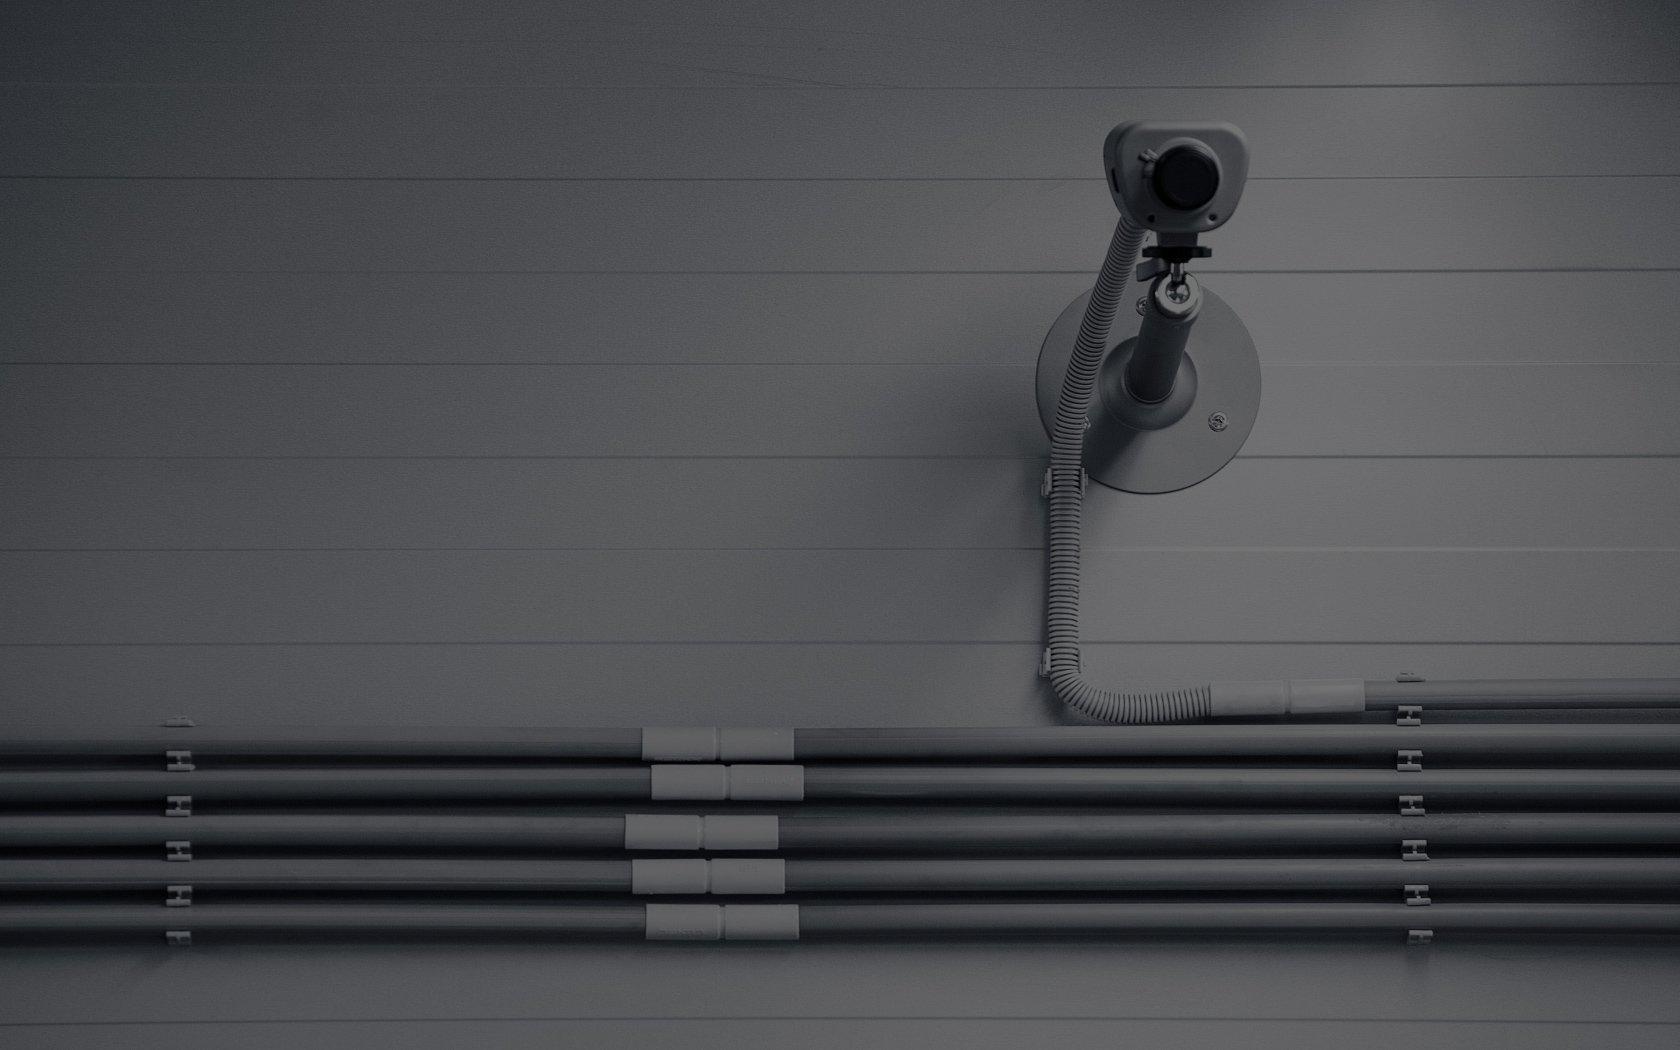 Giem Güvenlik Anasayfa Kamera